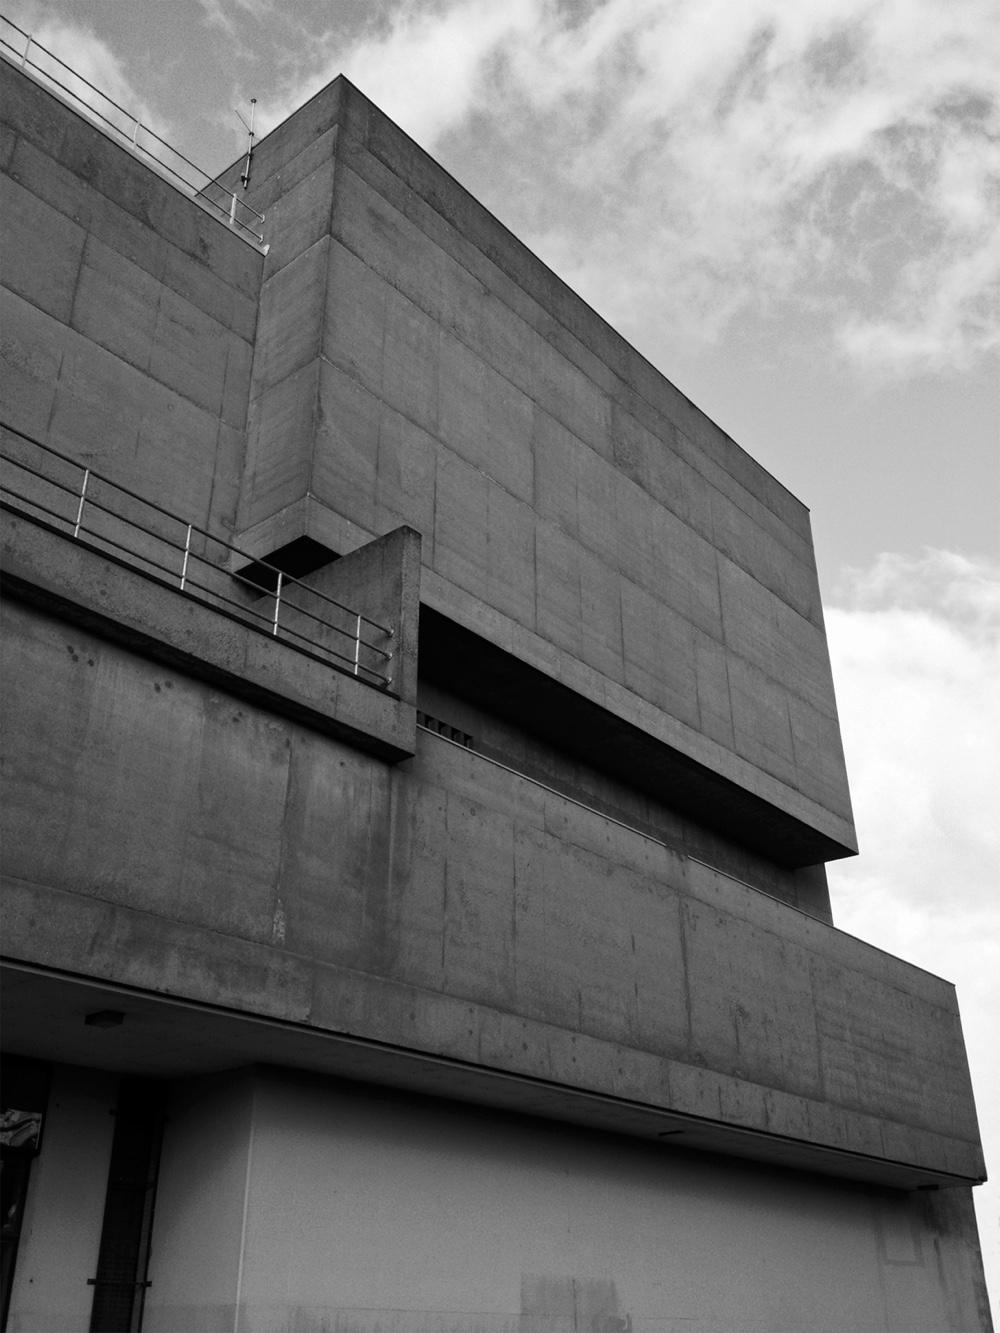 Брутализм в архитектуре - строгие геометрические формы Ulster Museum